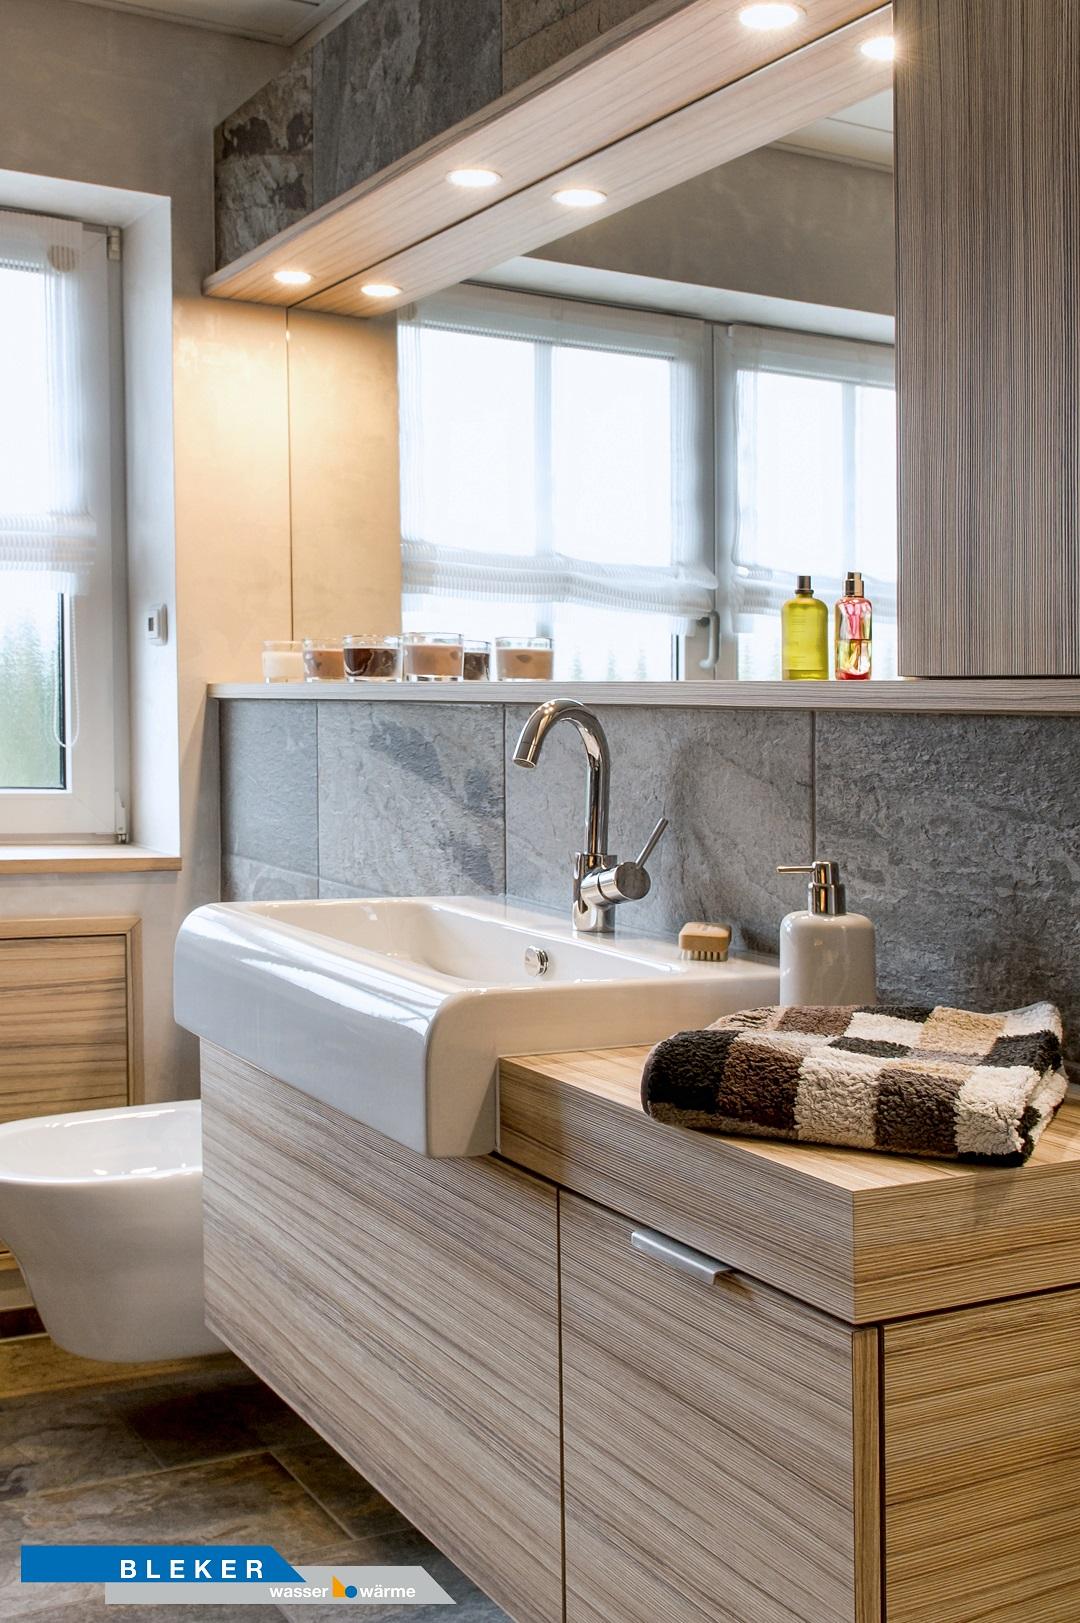 Bad mit grosser Waschtischanlage, beleuchtet